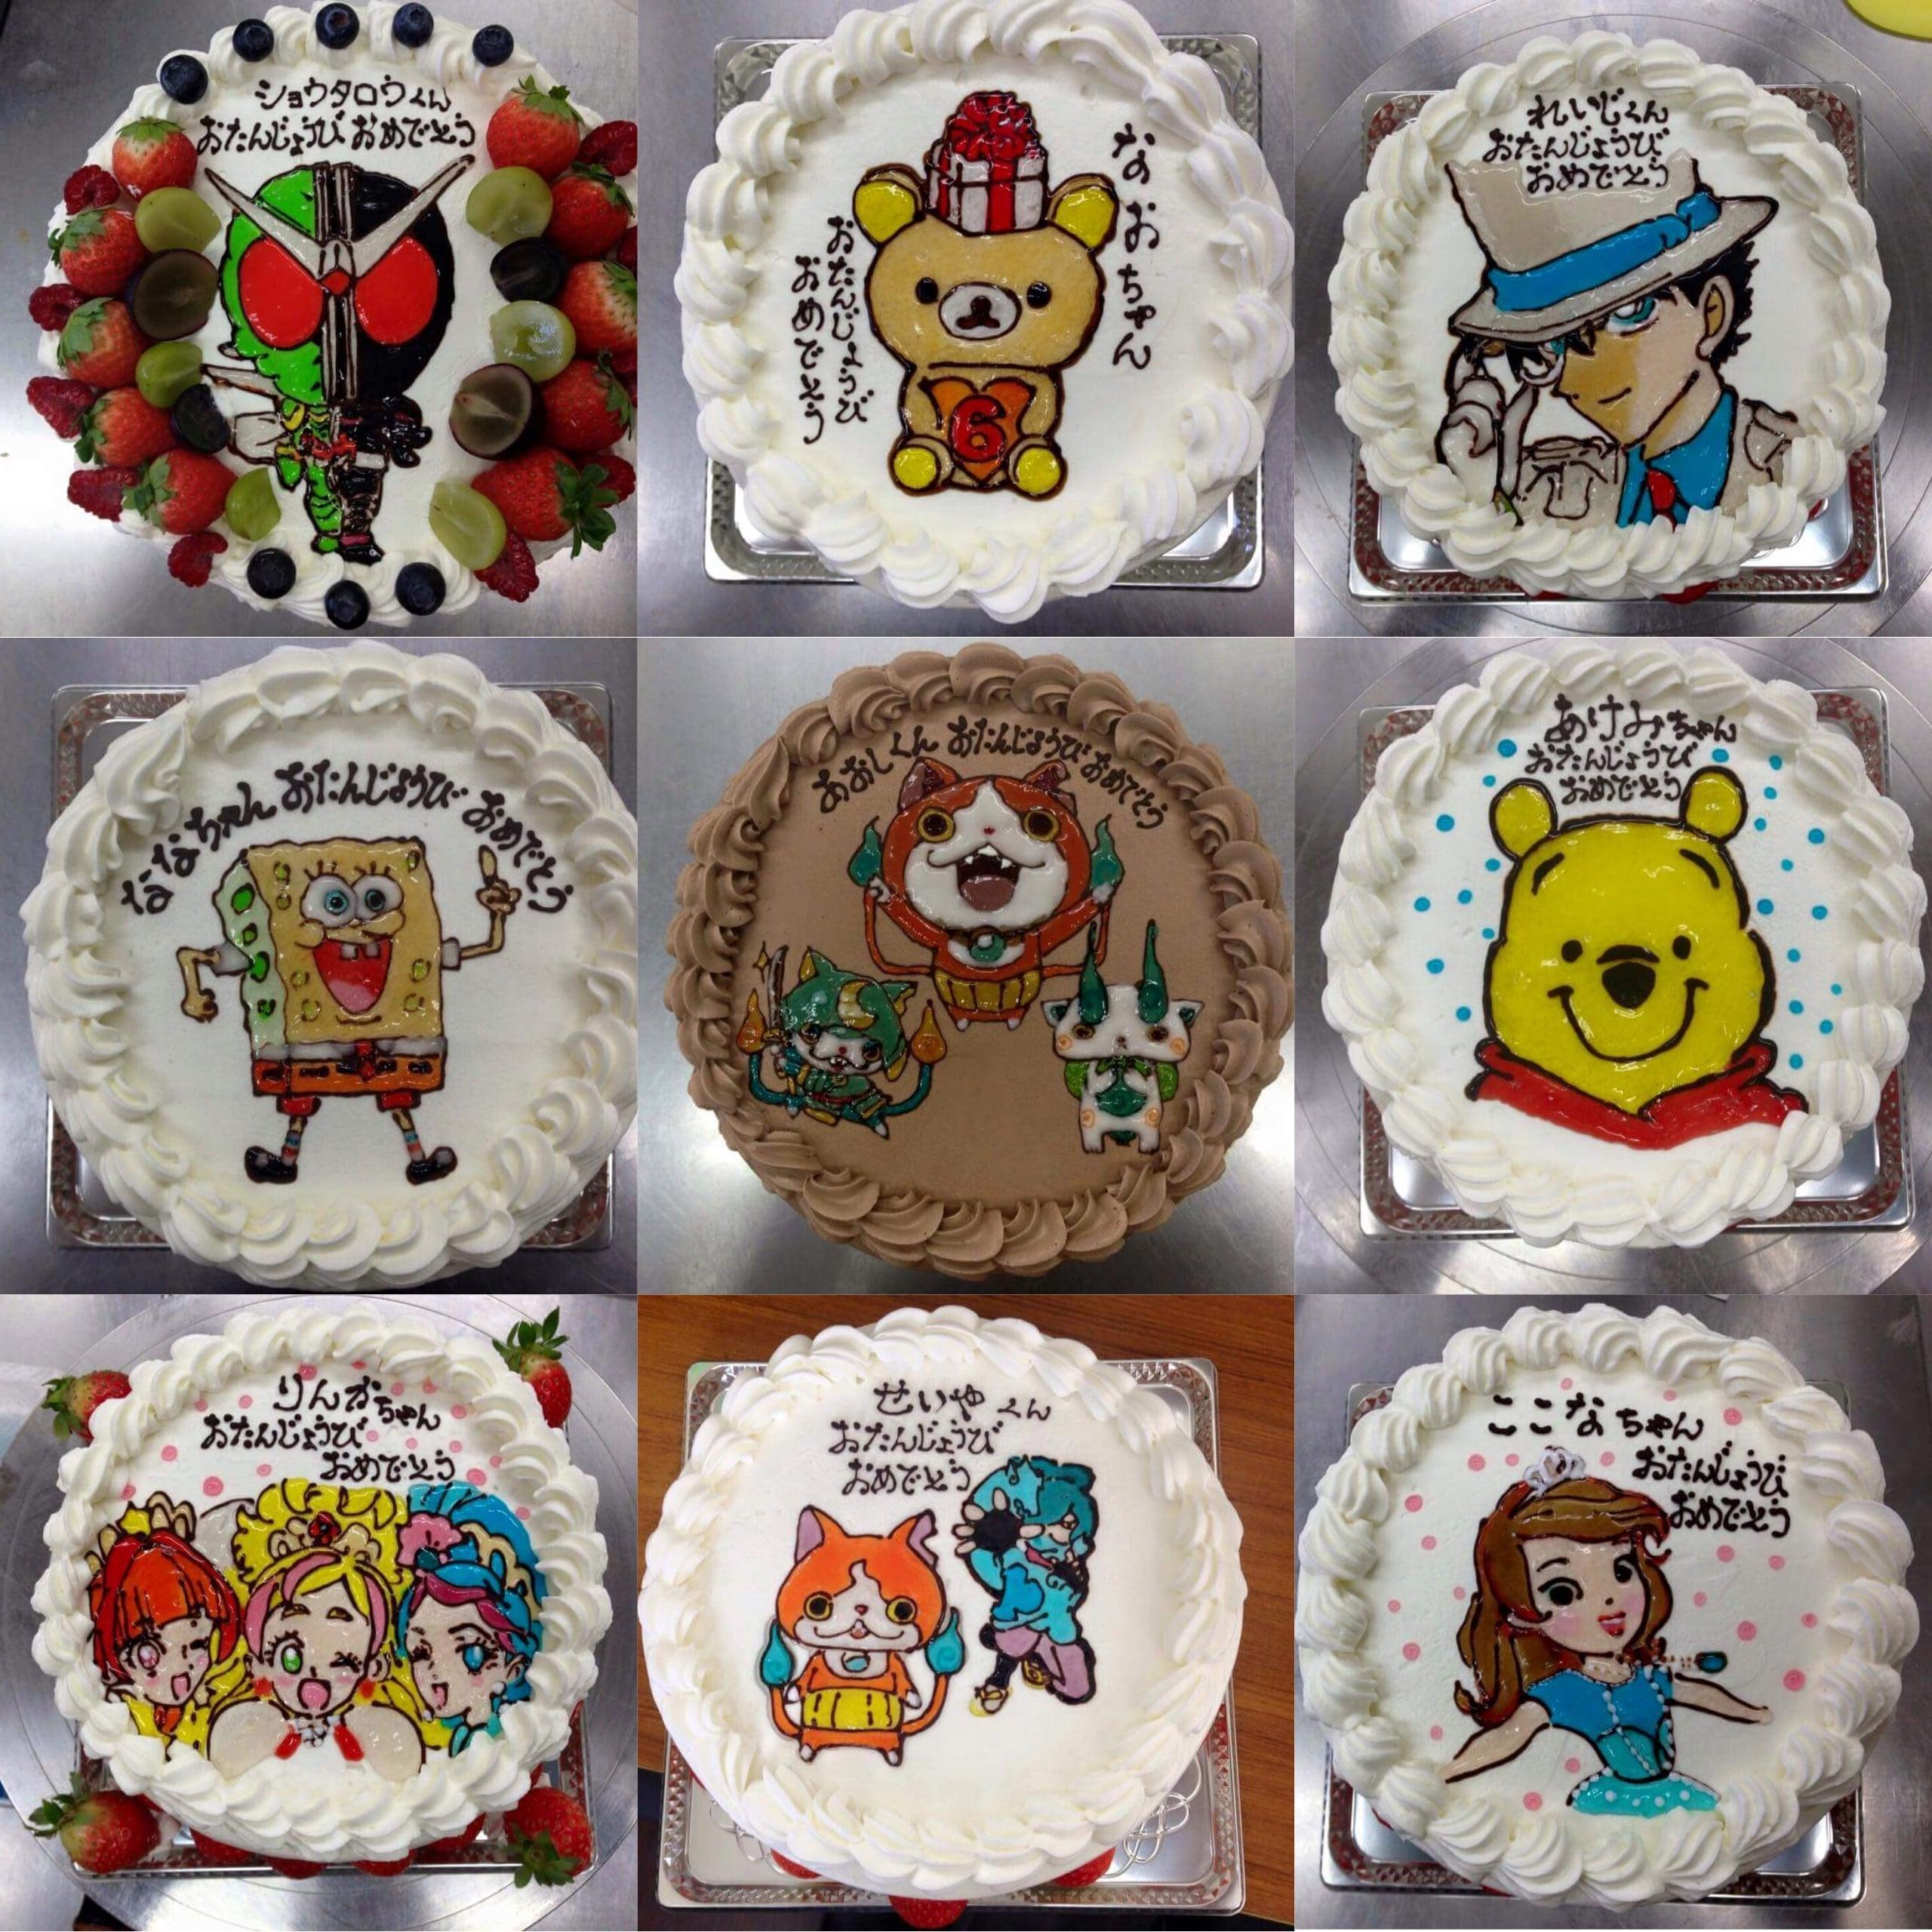 兵庫県丹波篠山市の《お菓子屋豆畑》のバースデーケーキ